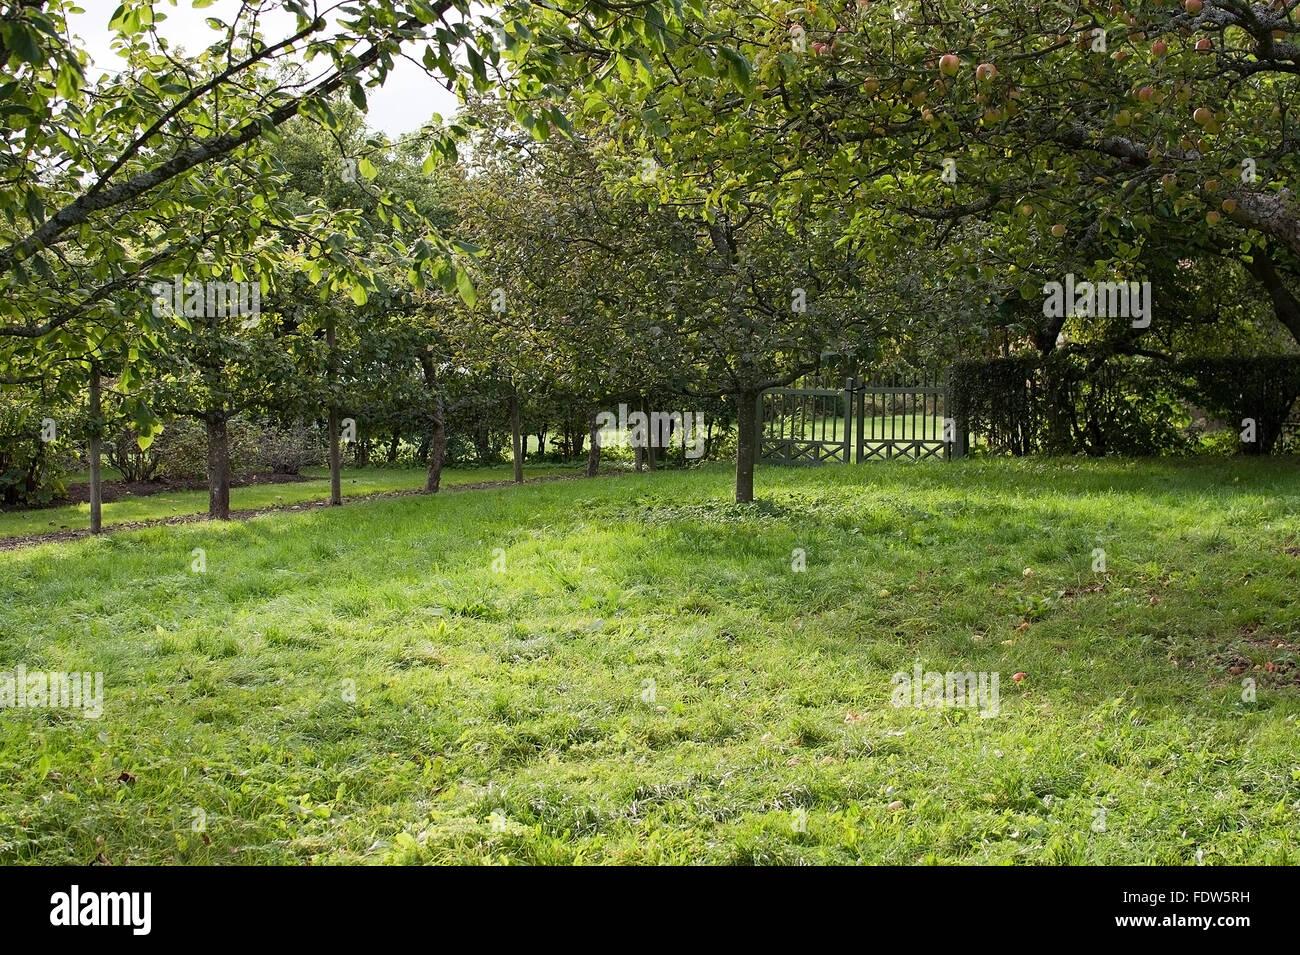 Freiraum Garten Mit Metalltor Grün Rasen Rasen Und Apfel Bäume In